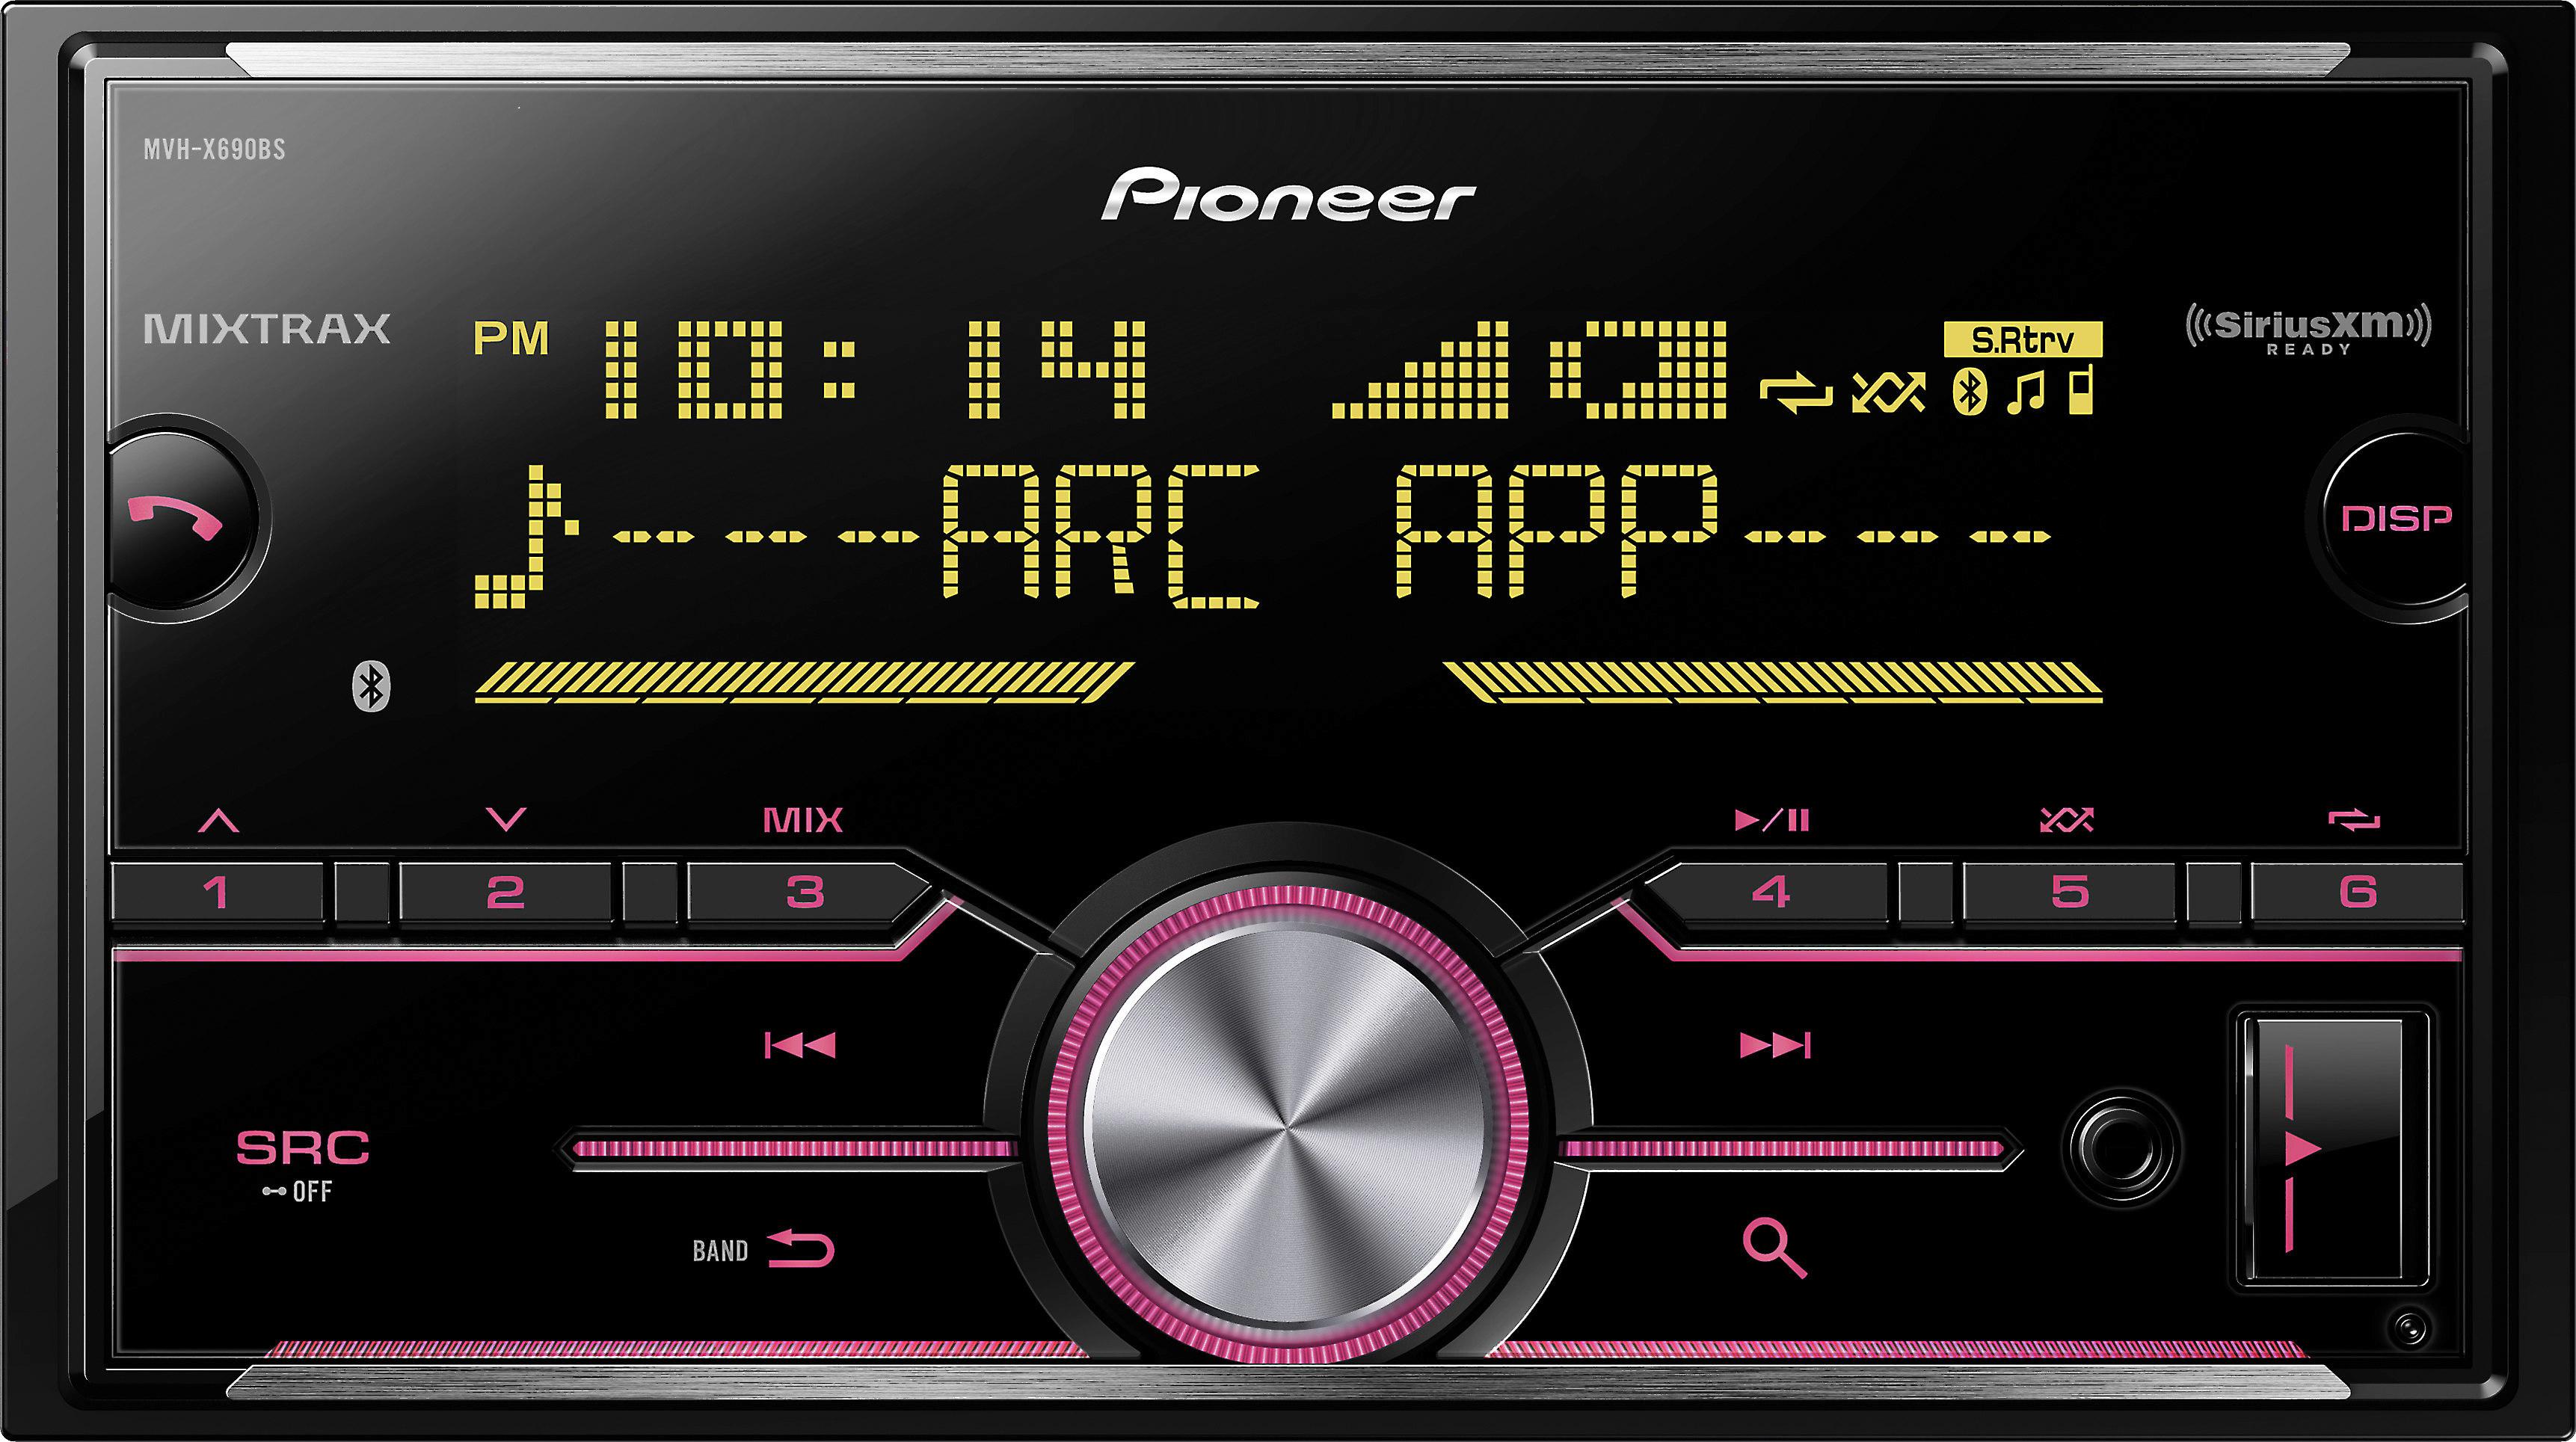 Pioneer MVH-X690BS Digital media receiver (does not play CDs